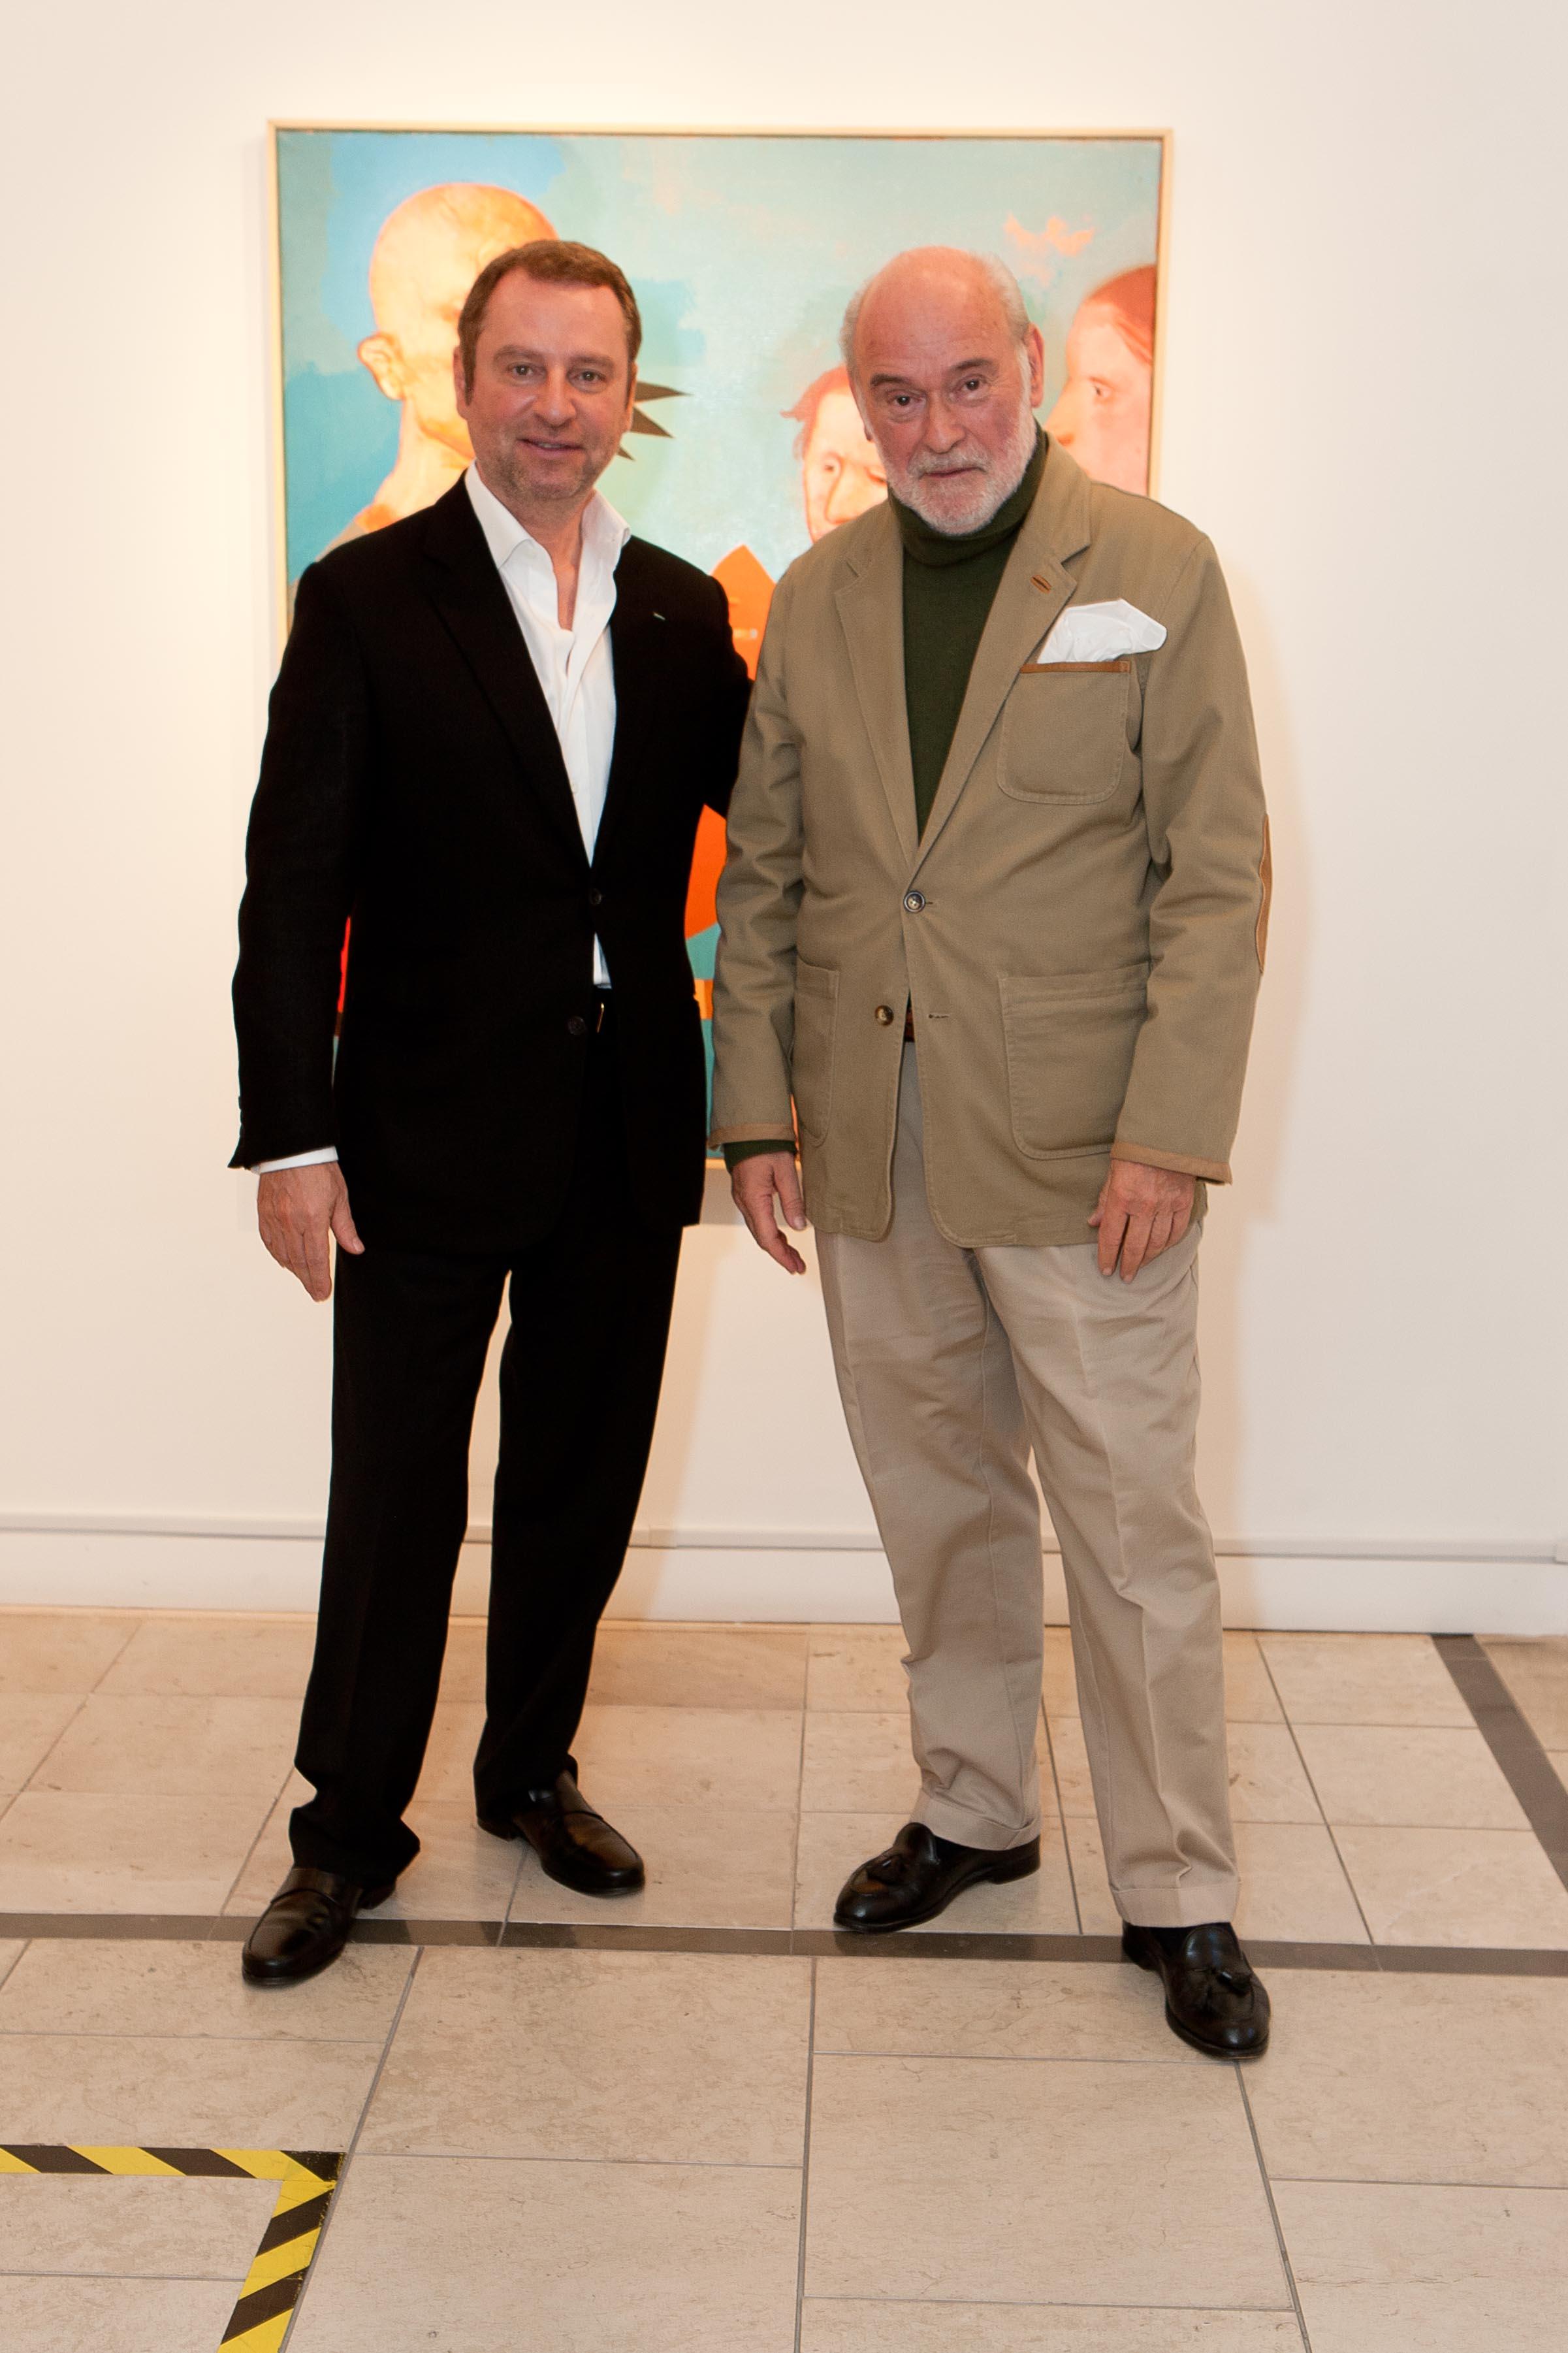 Serge Sorokko and Miguel Condé